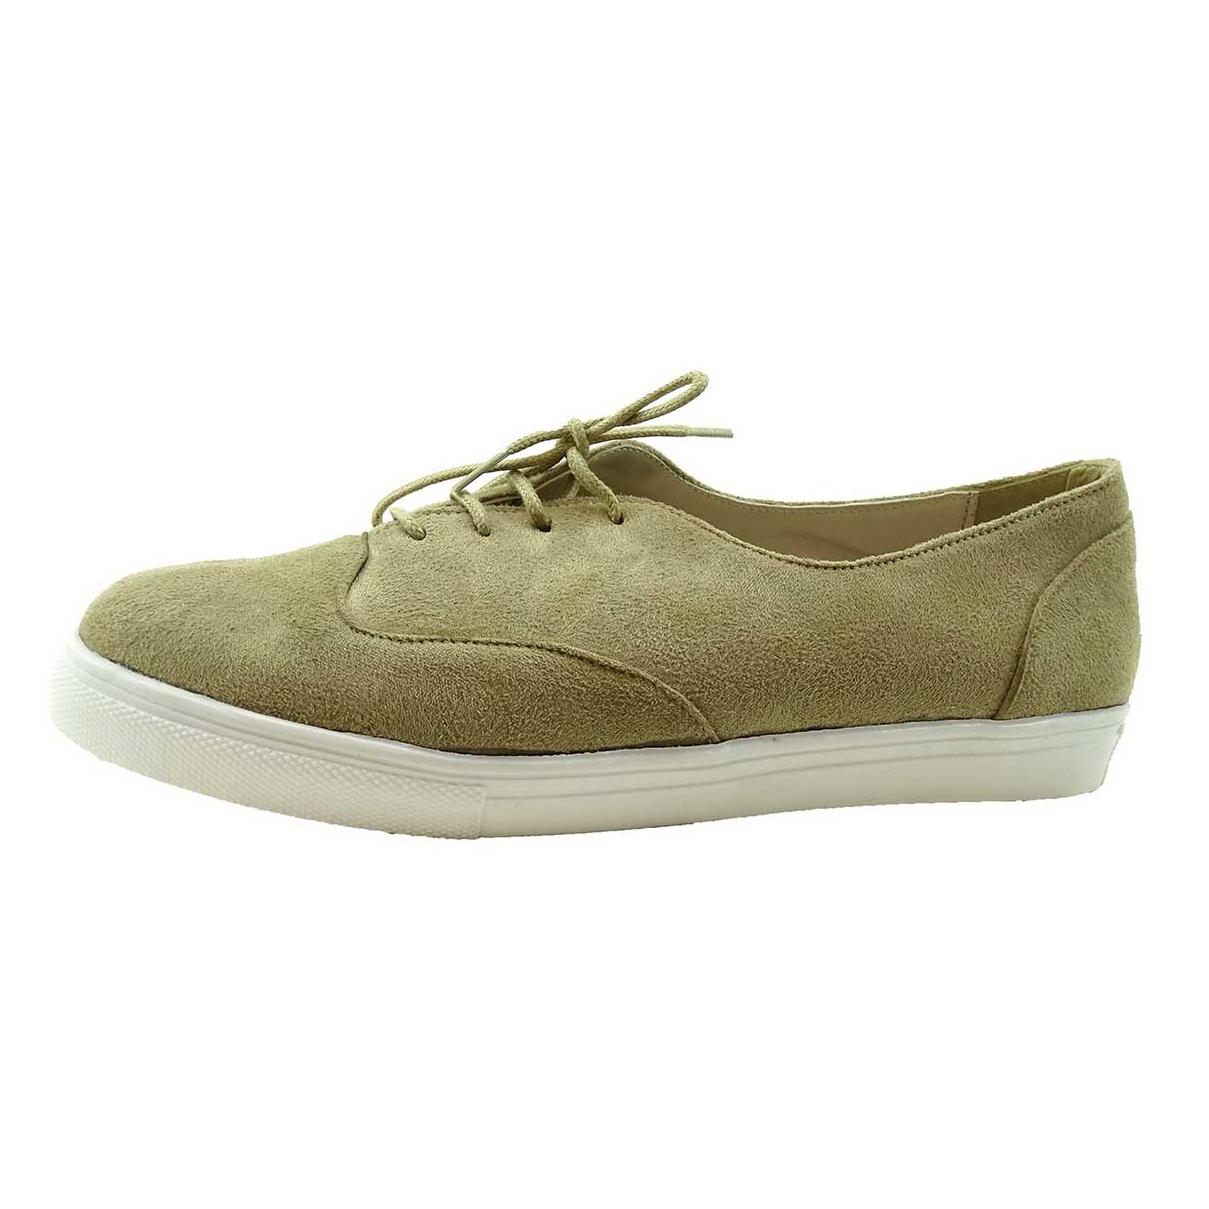 تصویر کفش زنانه آذاردو مدل W03702